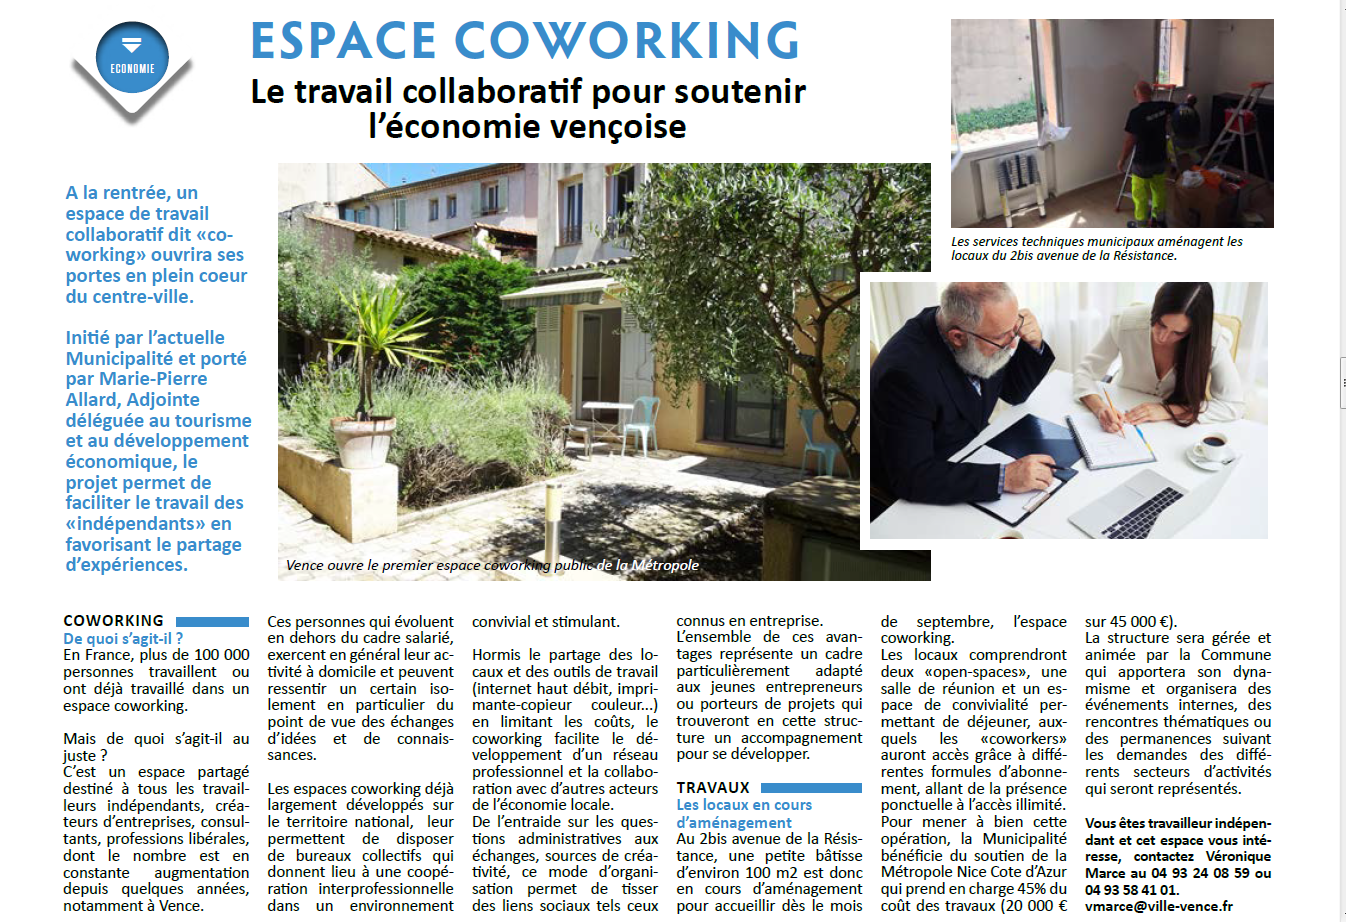 La Vie a Vence  Juin 2016 - Espace Coworking Métropole Nice Côte d'Azur